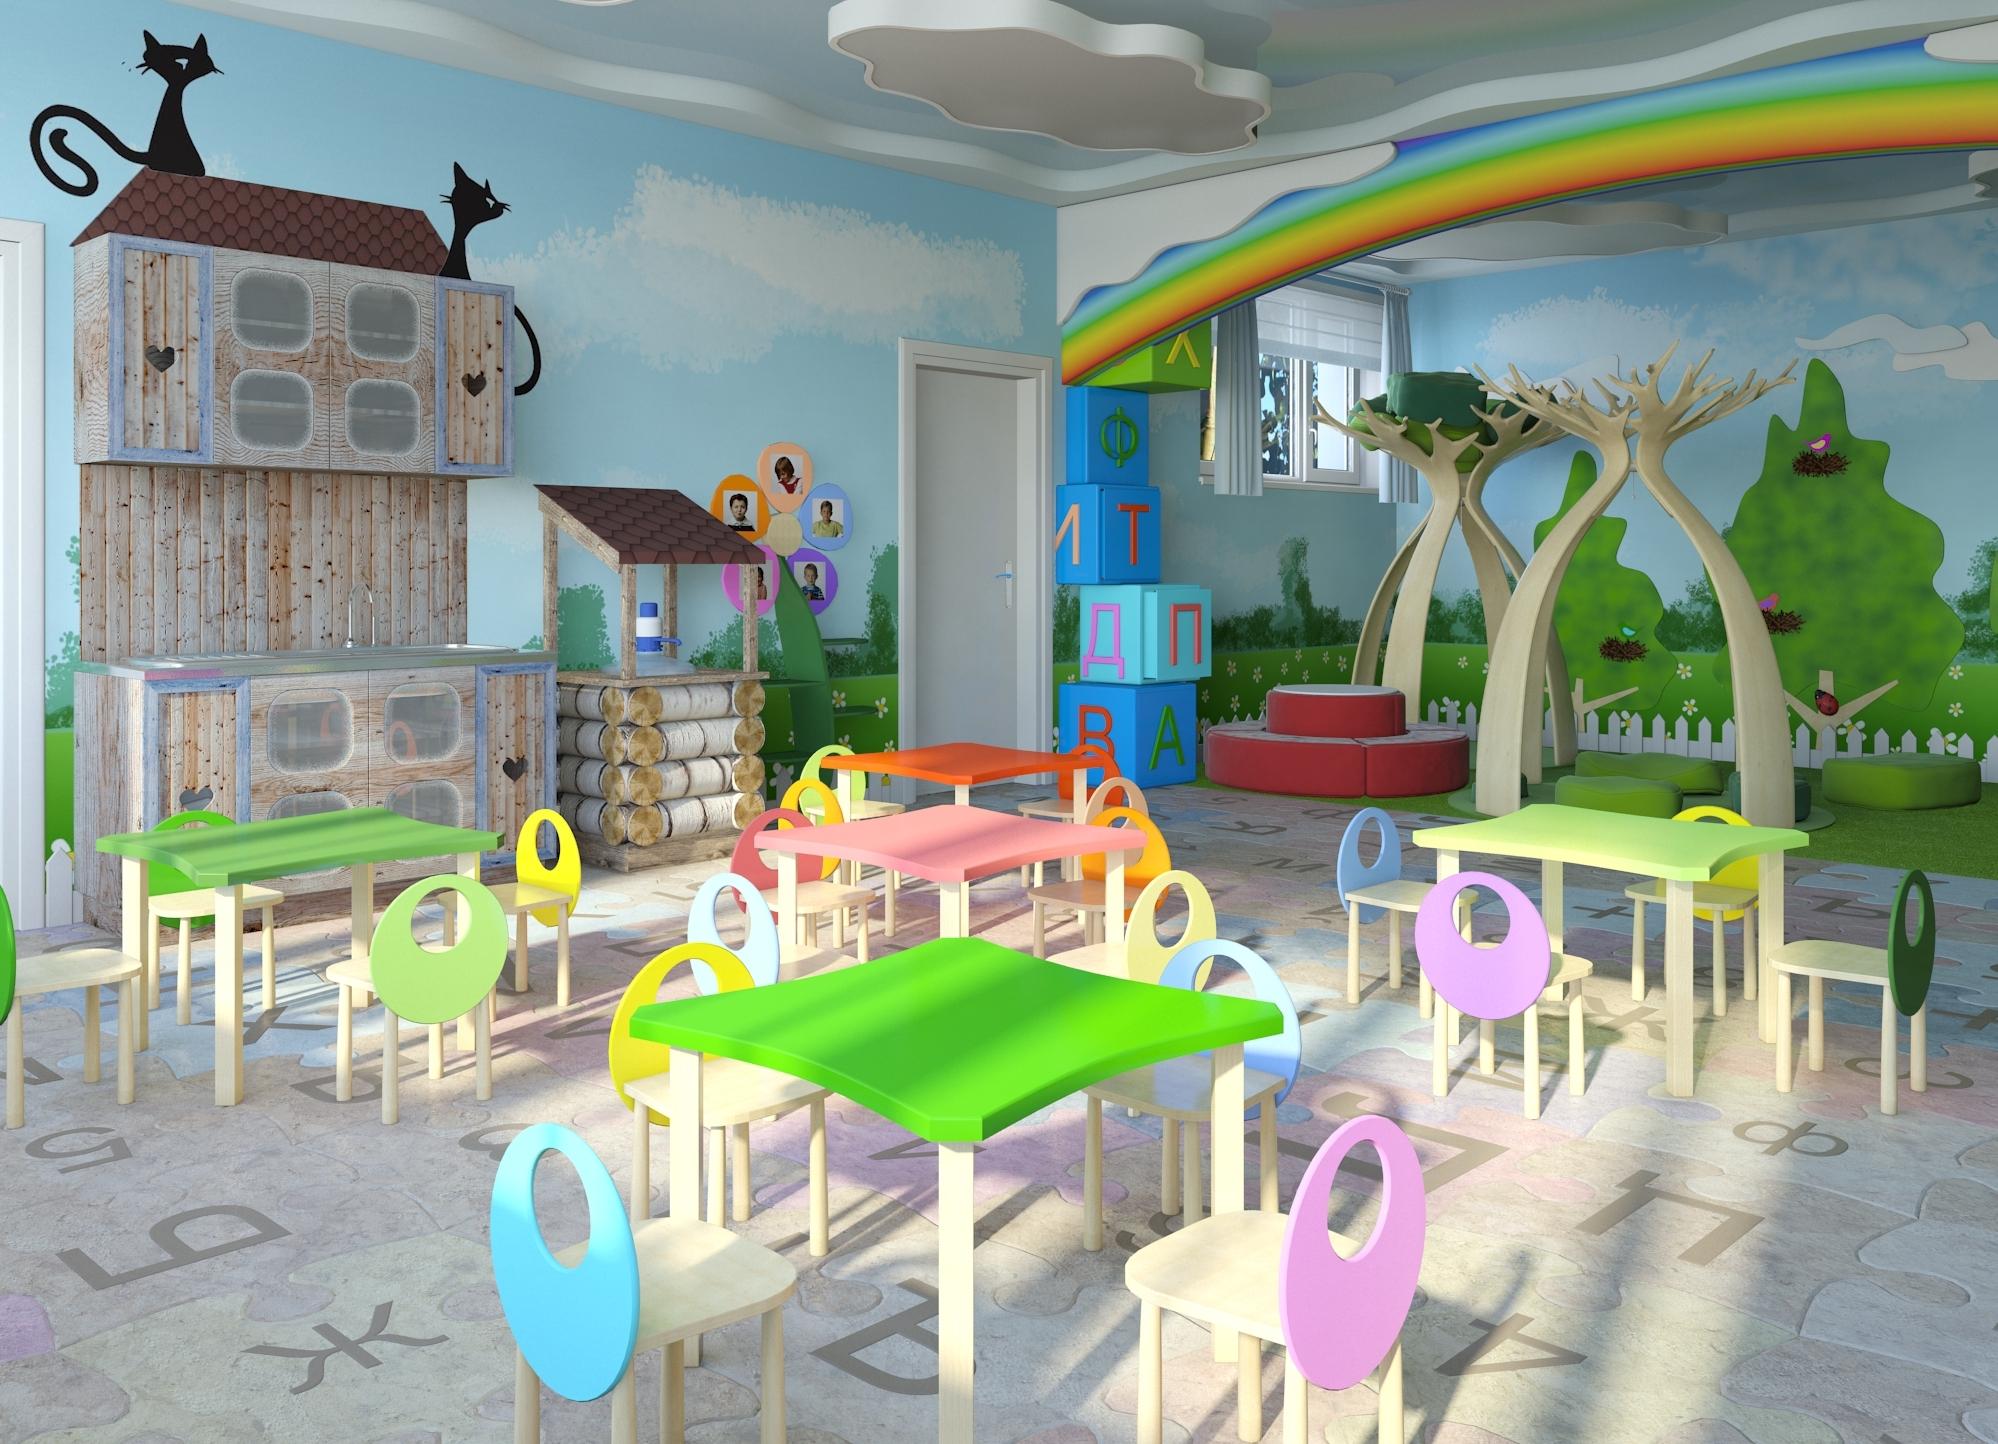 Дизайн группы детского сада фото